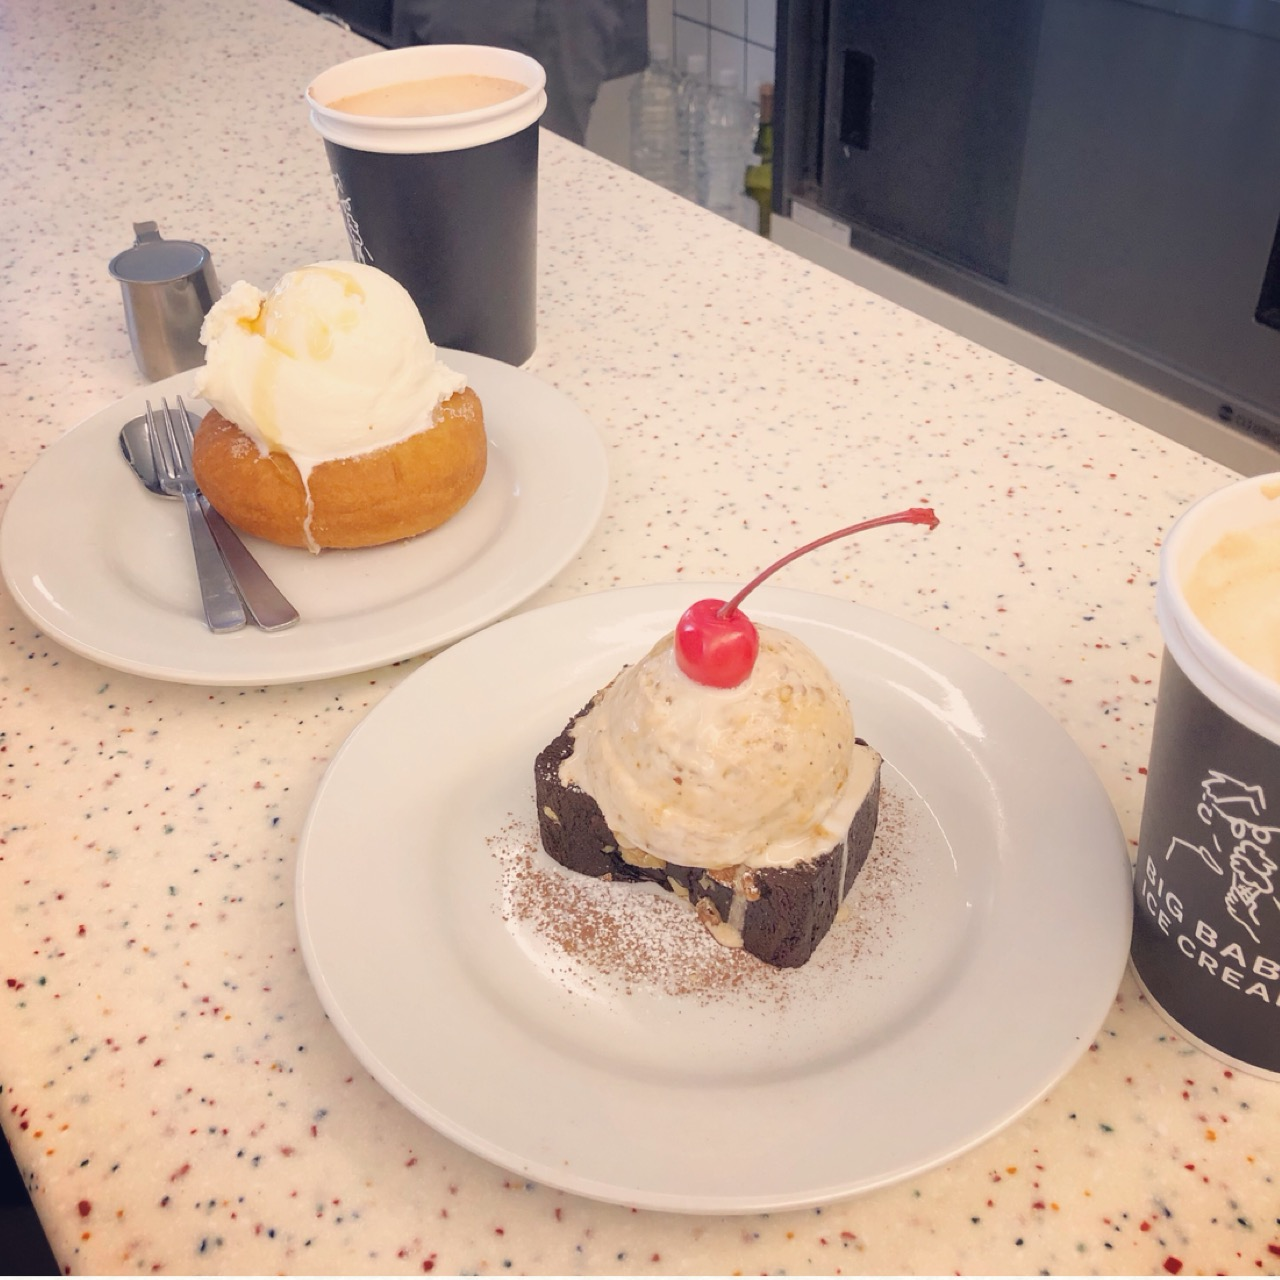 """注目のアイスクリームダイナー!フォトジェニックな""""ブラウニーアイスクリーム""""を食べに行ってきました♡_3"""